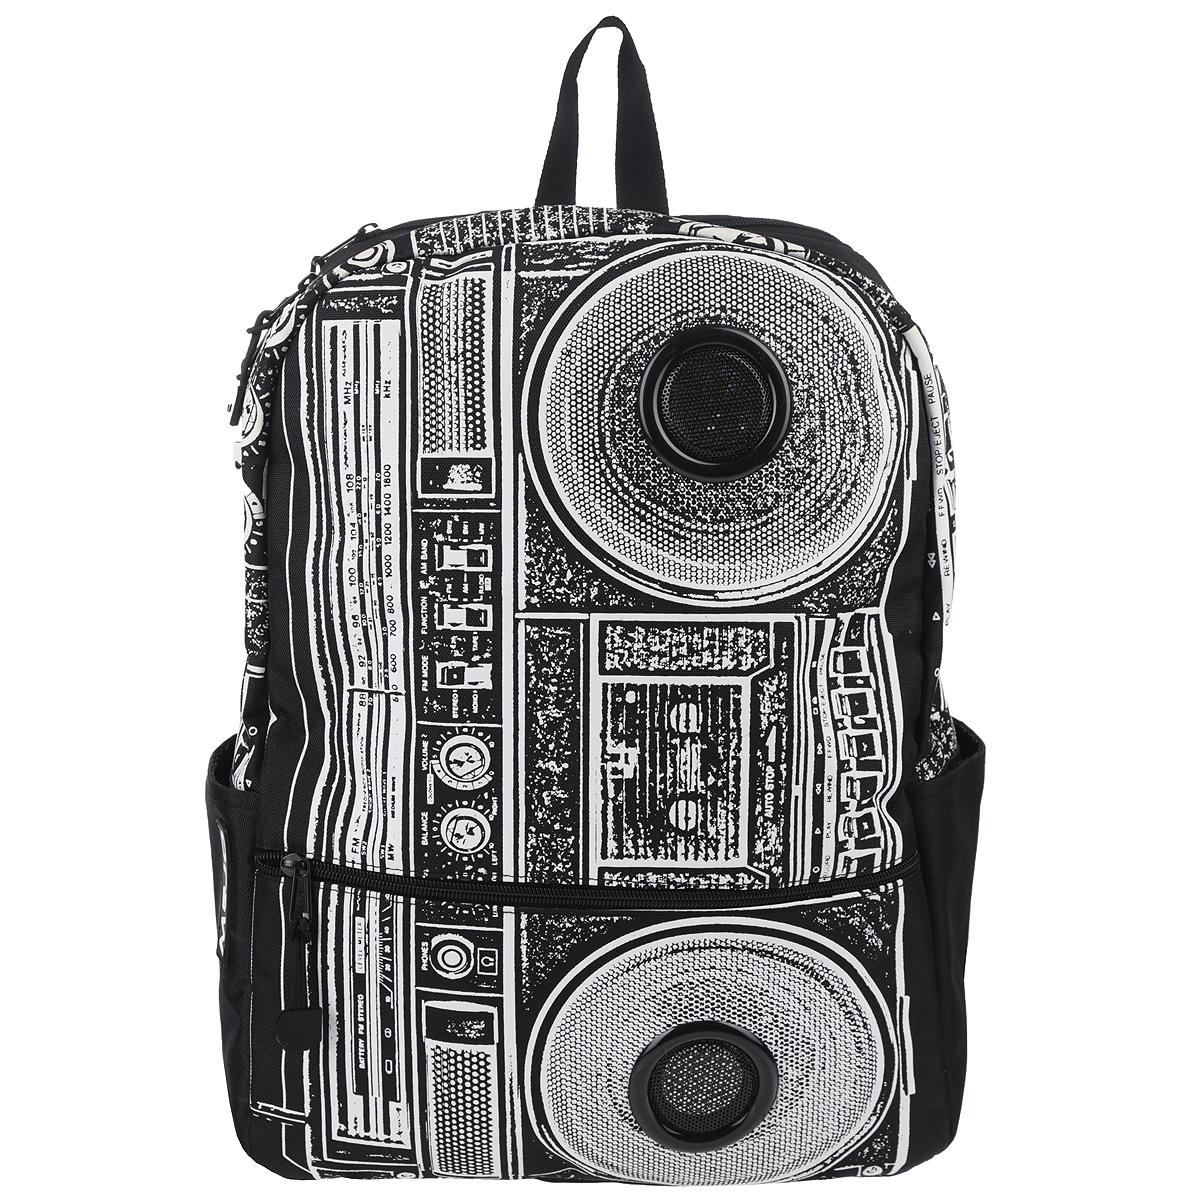 Рюкзак Mojo Pax Boombox, с динамиками, цвет: черный, белый. KZ9983489KZ9983489Стильный городской рюкзак Mojo Pax Boombox выполнен из плотного полиэстера, материал изделия устойчив к воздействию влаги и солнца, оформлен принтом с изображением Boombox и дополнен динамиками. Рюкзак выполнен из плотного полиэстера, материал изделия устойчив к воздействию влаги и солнца. Модель очень вместительная и функциональная: в основной отсек, закрывающийся на застежку-молнию, вместятся тетрадки, учебники и другие вещи. Также имеется специальное отделение для планшета, с мягкими стенками для защиты гаджета от повреждений. Снаружи расположено 3 кармашка: один большой карман на молнии спереди и два открытых кармашка по бокам, один из них на липучке. Рюкзак имеет уплотненную спинку и мягкие широкие лямки регулируемой длины, а также петлю для переноски в руке. Однако, Boombox - это не просто обычный рюкзак. Он снабжен стереодинамиками с усилителем. Карман на липучке сбоку предназначен для iPod/iPhone, смартфона, mp3, CD плеера, которые легко подключаются к динамикам...